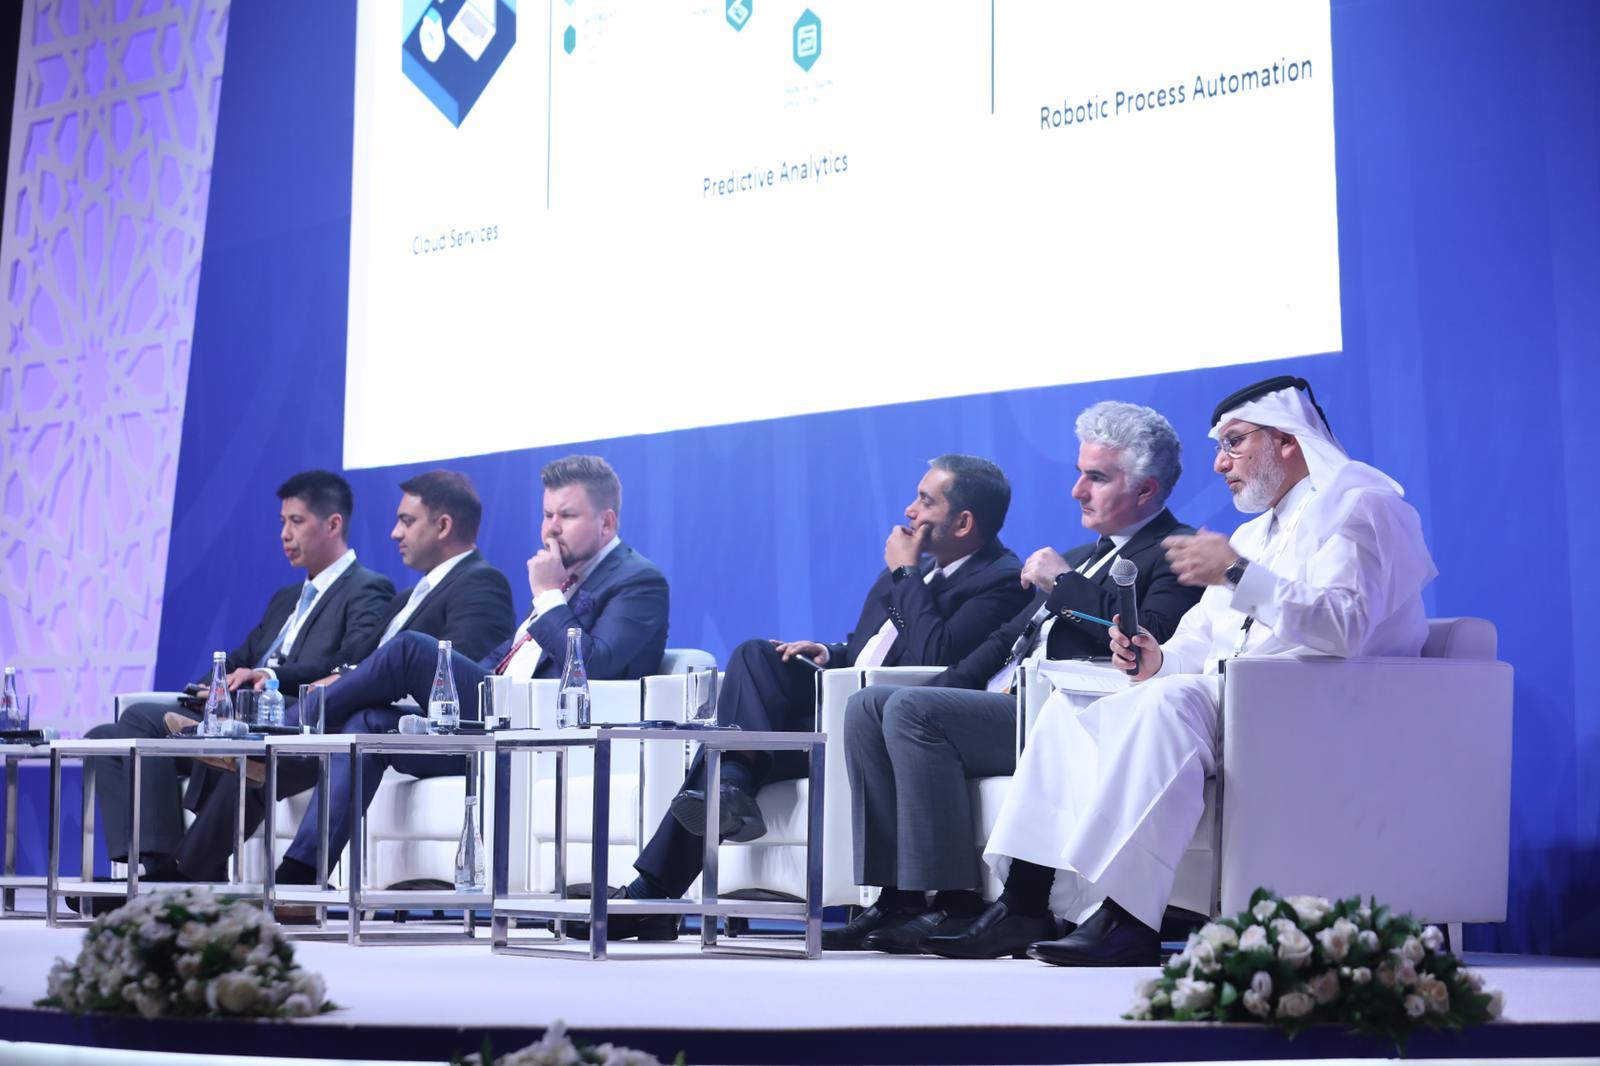 المحور الرابع: الأنظمة الالكترونية في المصارف الإسلامية و تحدياتها في ظل العالم الرقمي